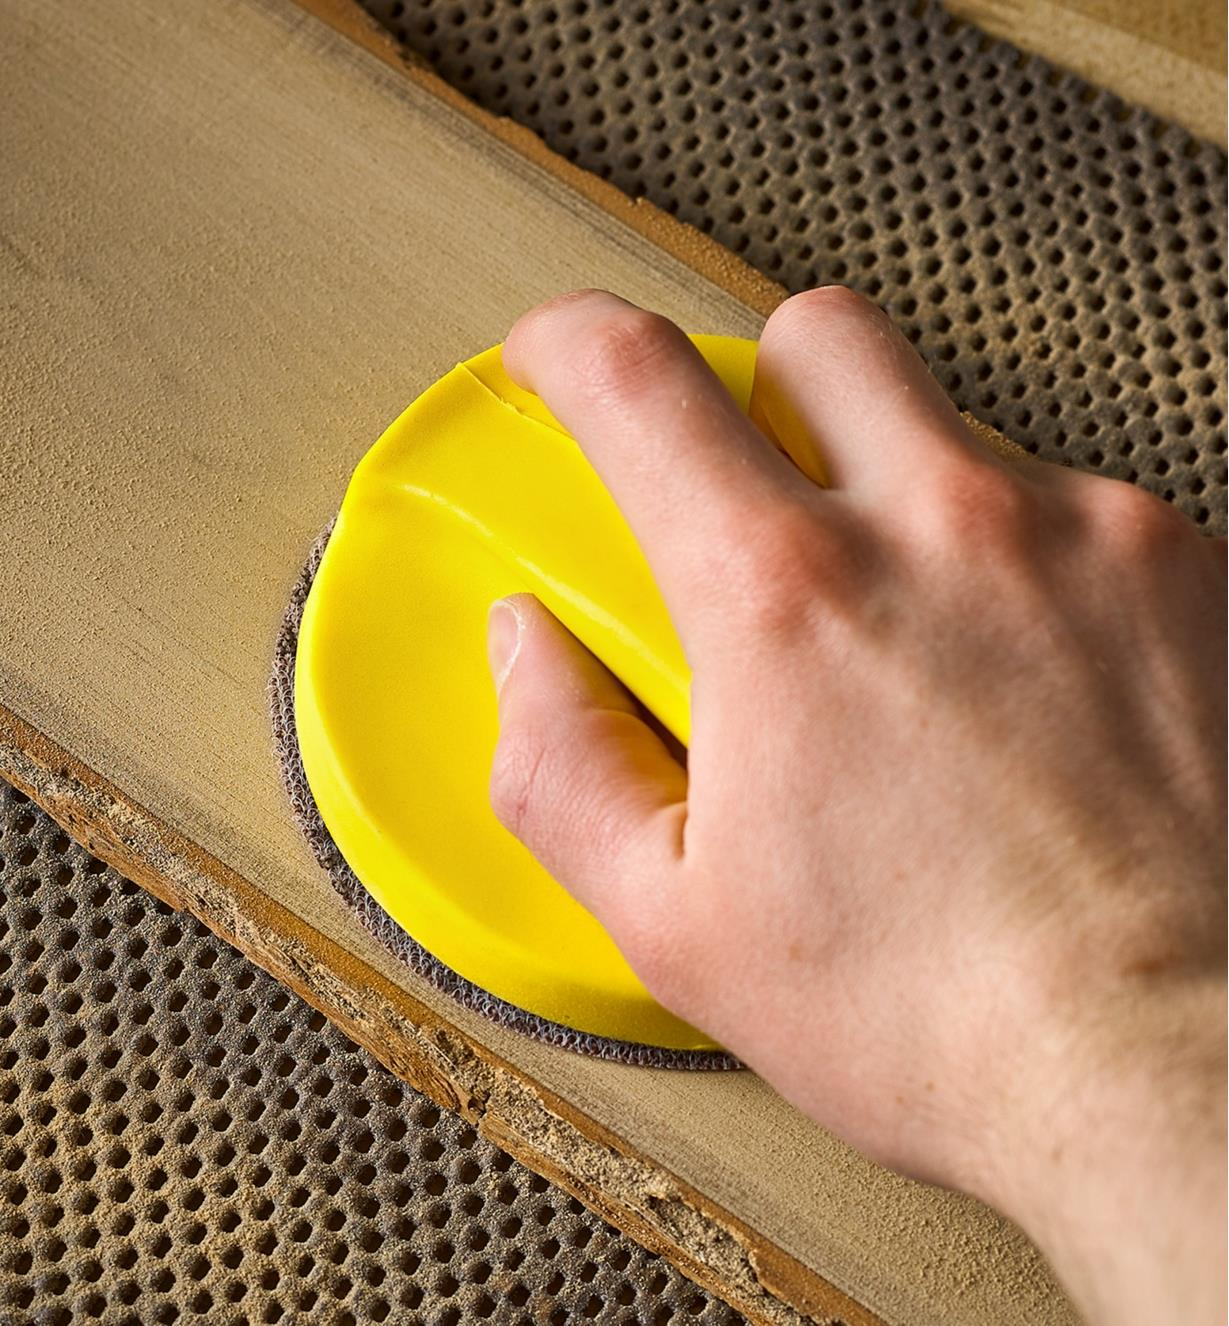 Personne ponçant une planche de bois à l'aide d'une cale de ponçage de 5 po de diamètre